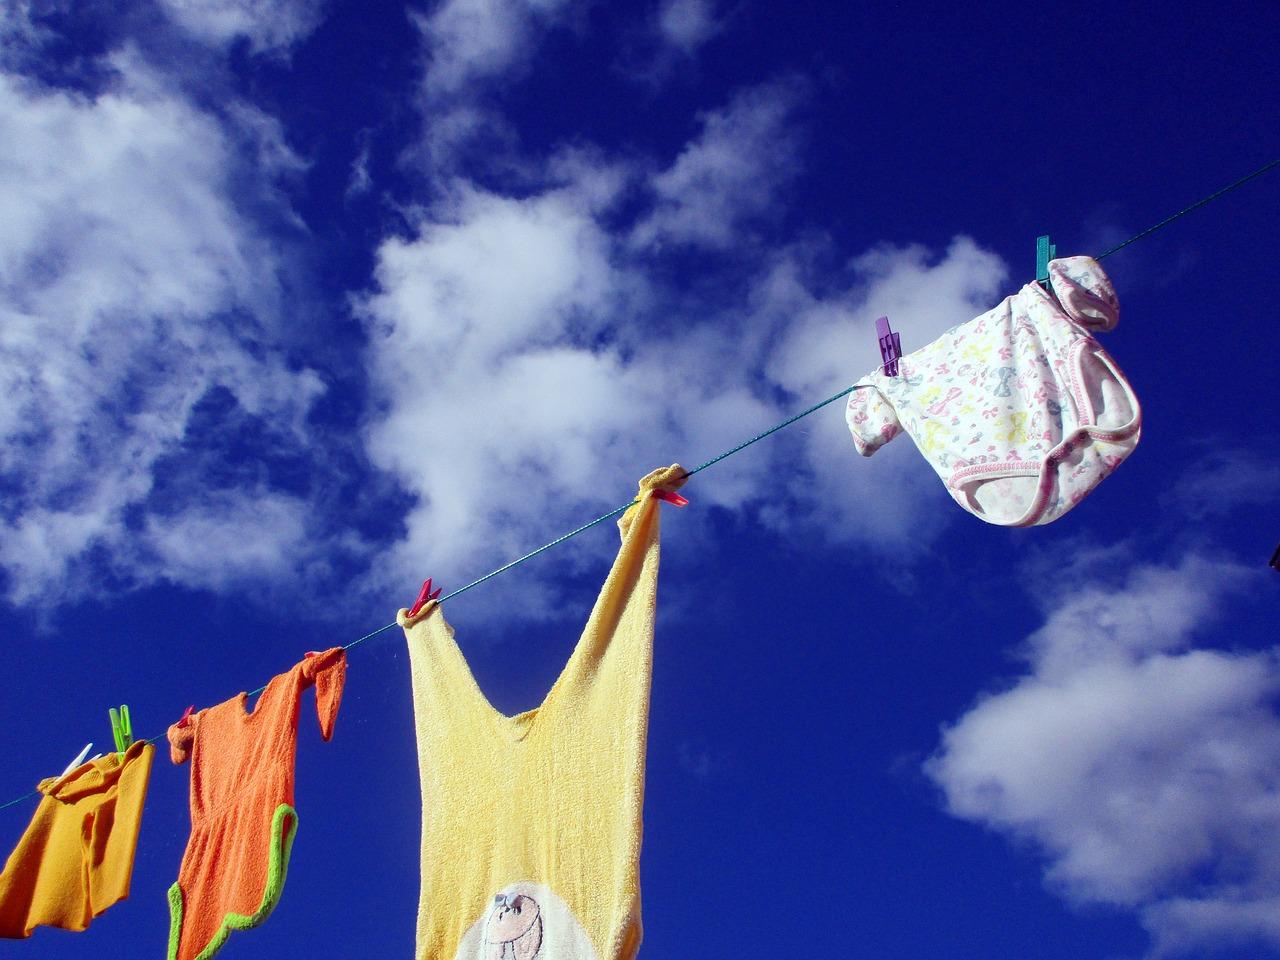 clothes-line-2205055_1280